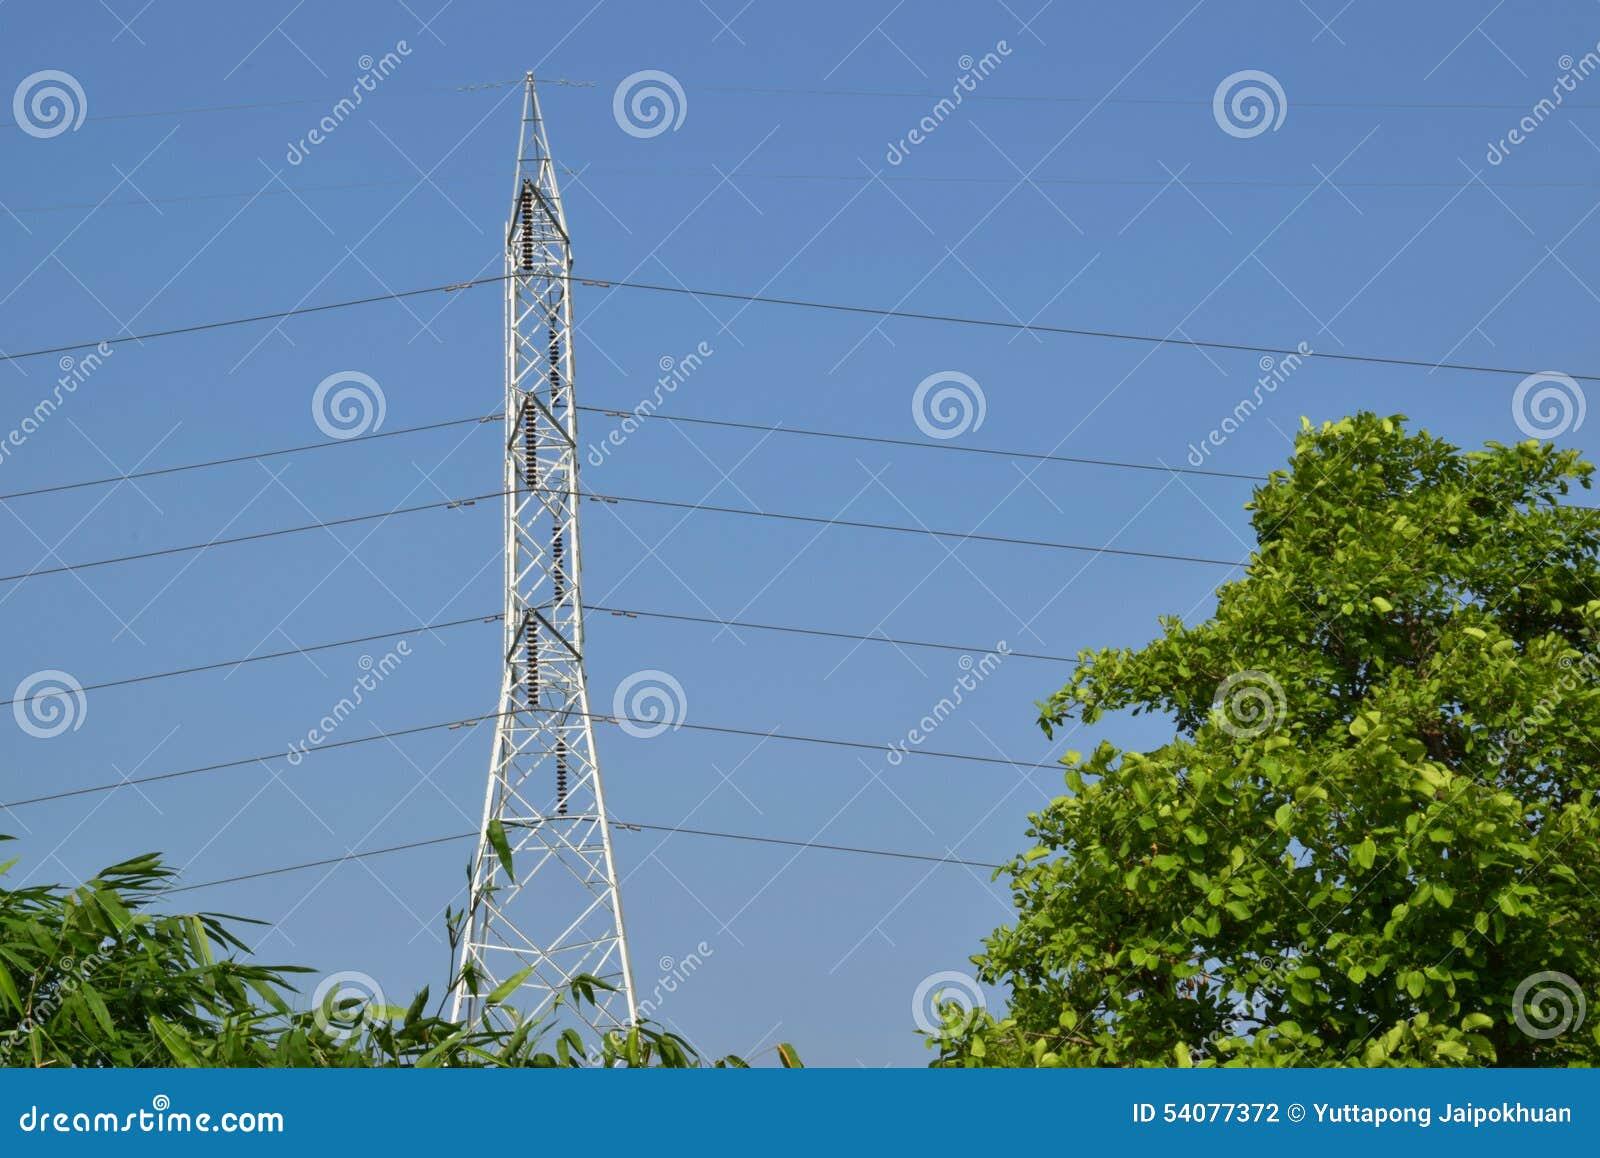 De pyloon van de hoogspanningselektriciteit